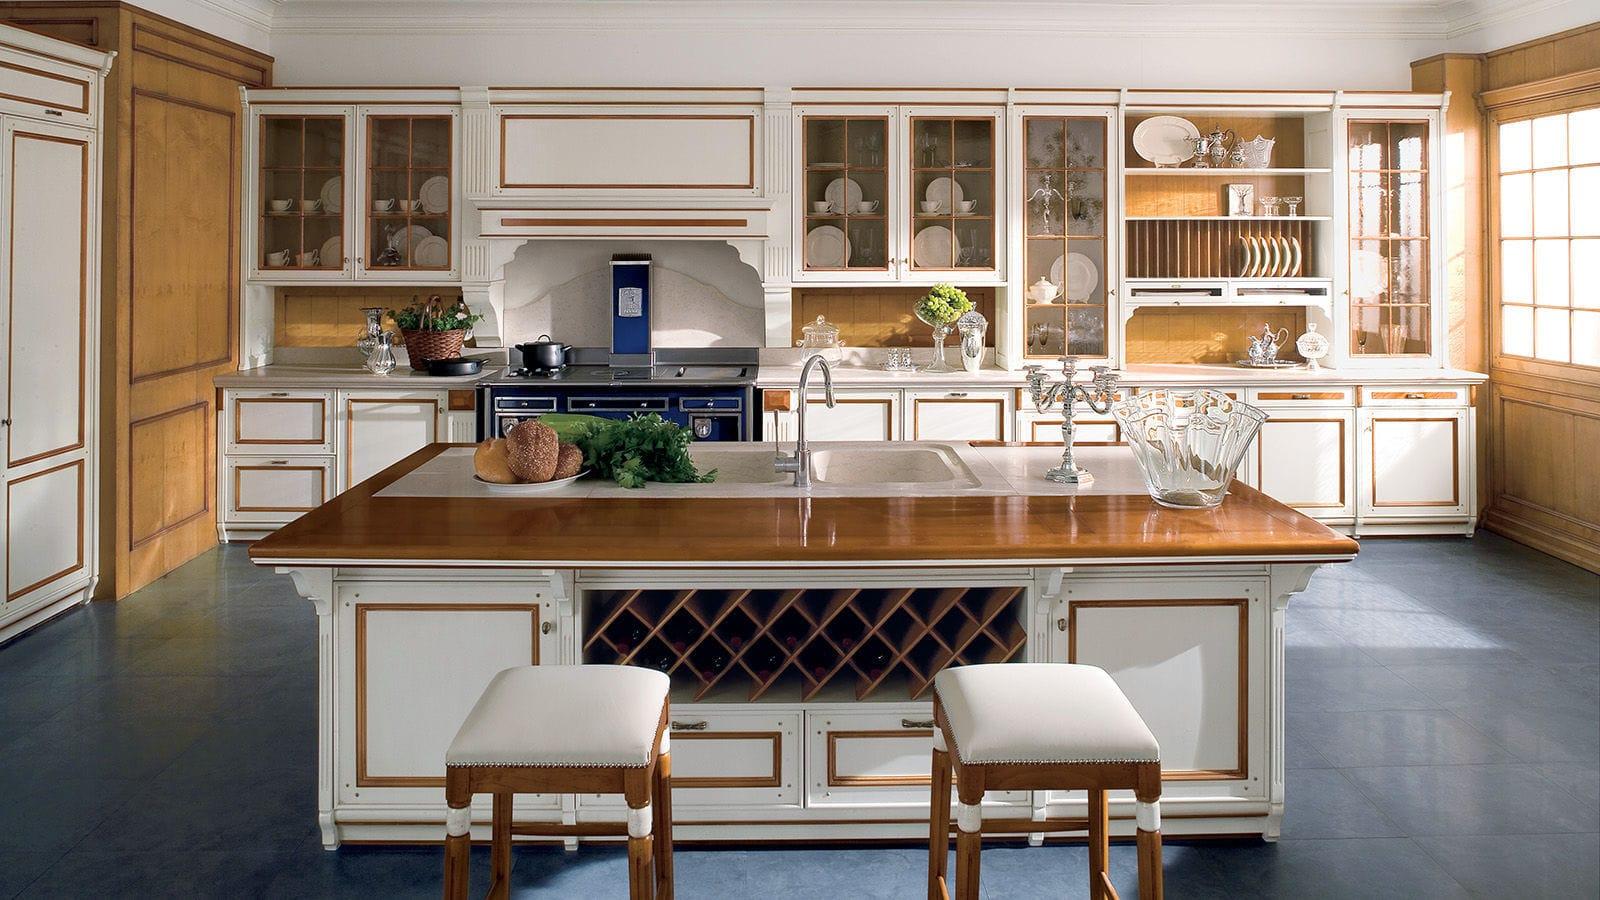 Credenza Con Cucina Incorporata : Cucina in stile legno laccato con isola impugnature